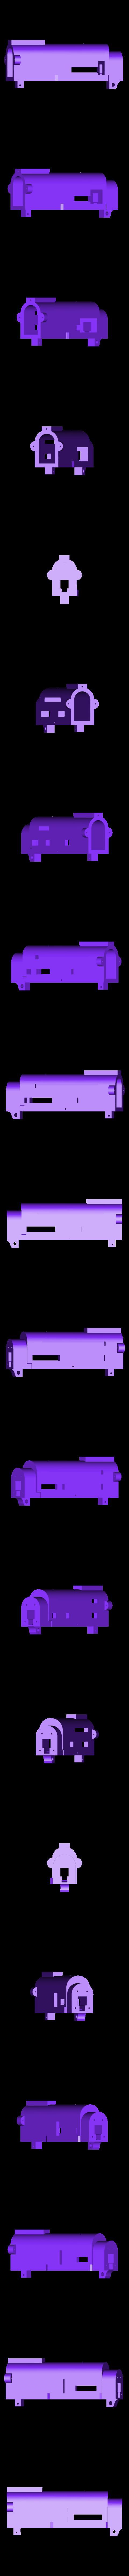 Ap-9 upper Glock OEM barrel.stl Download free STL file Shuty AP-9-9mm v1.3, 2020 • 3D printable design, idy26